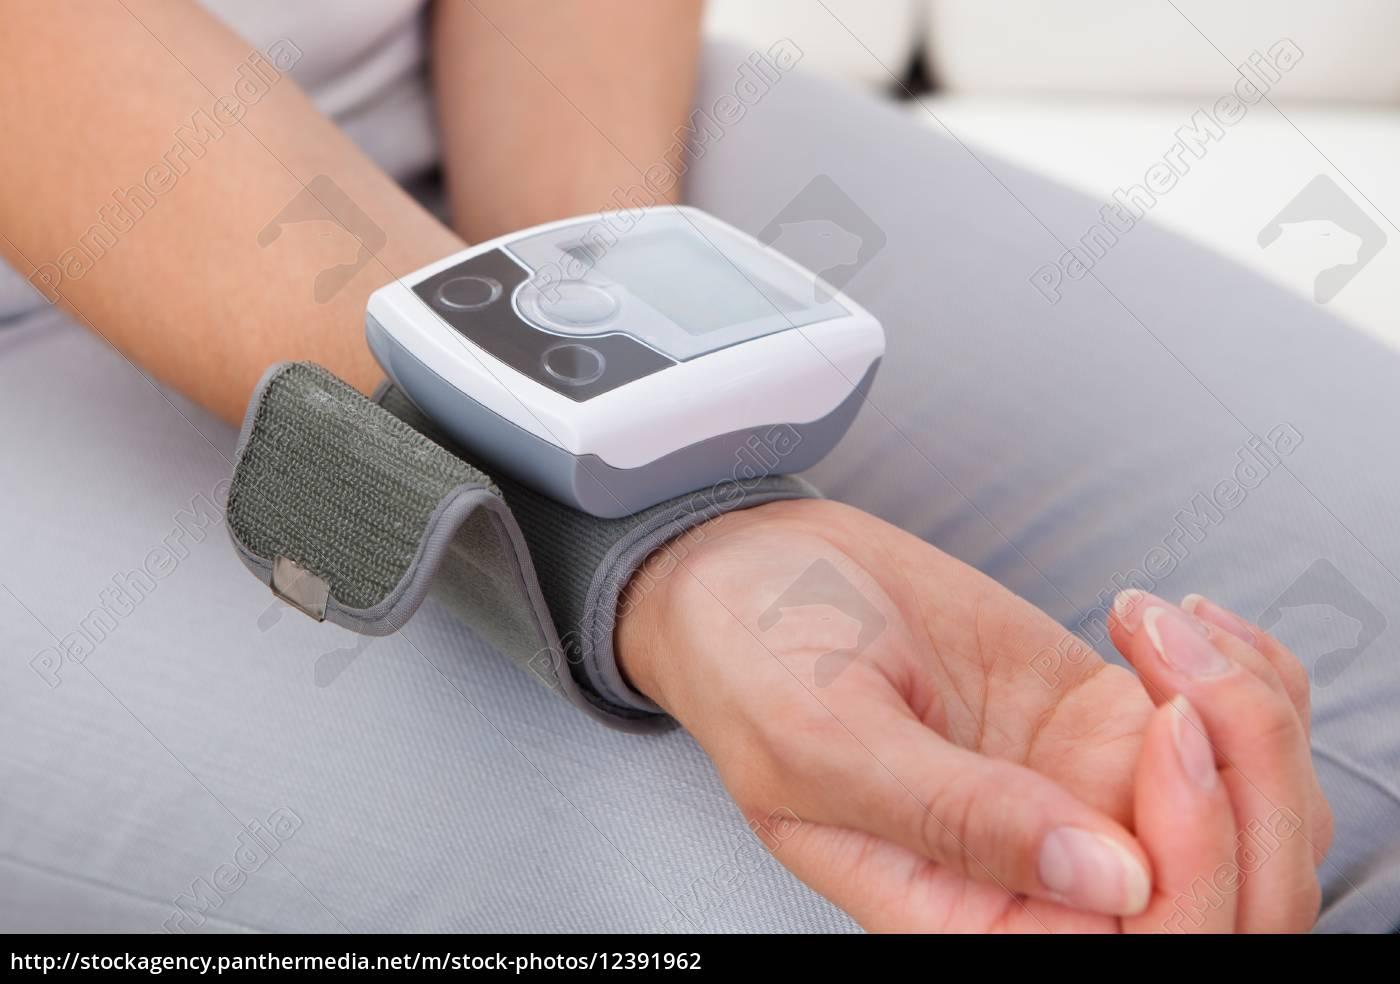 mujer, midiendo, su, presión, sanguínea - 12391962